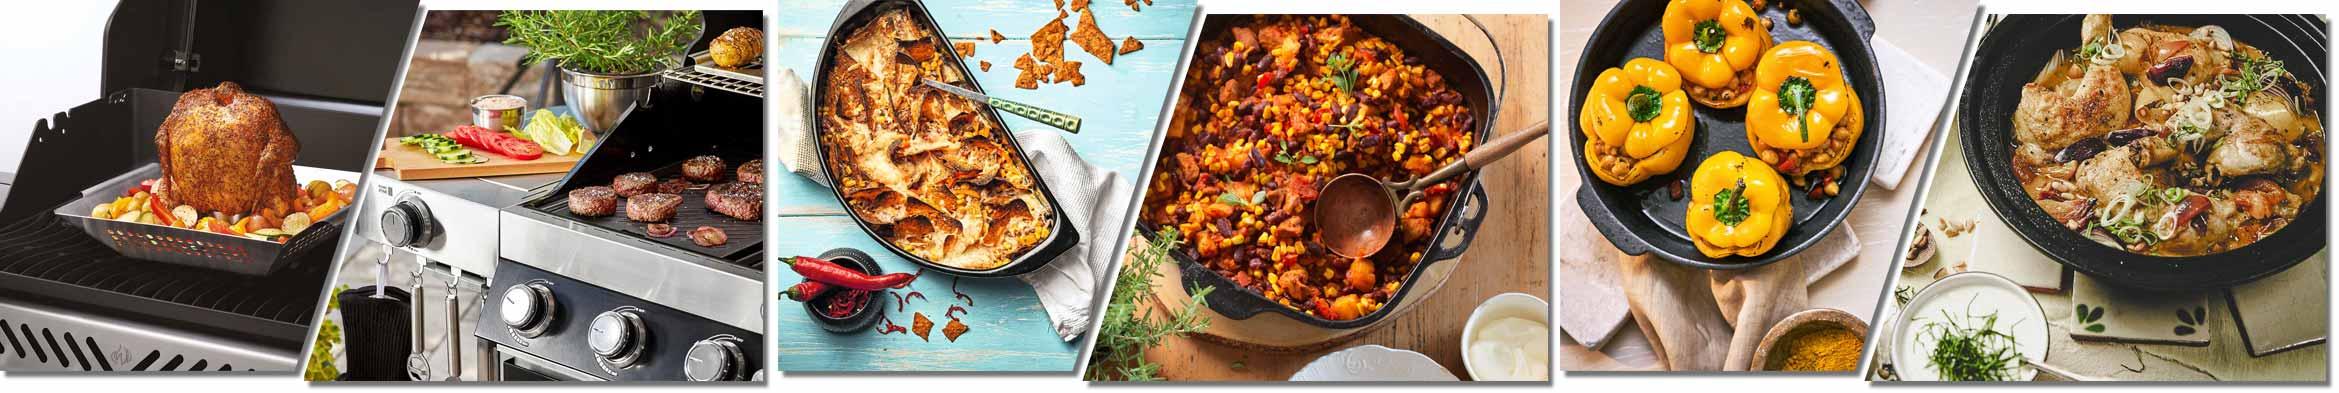 Bildfolge verschiedener auf dem Grill zubereiteter Gerichte